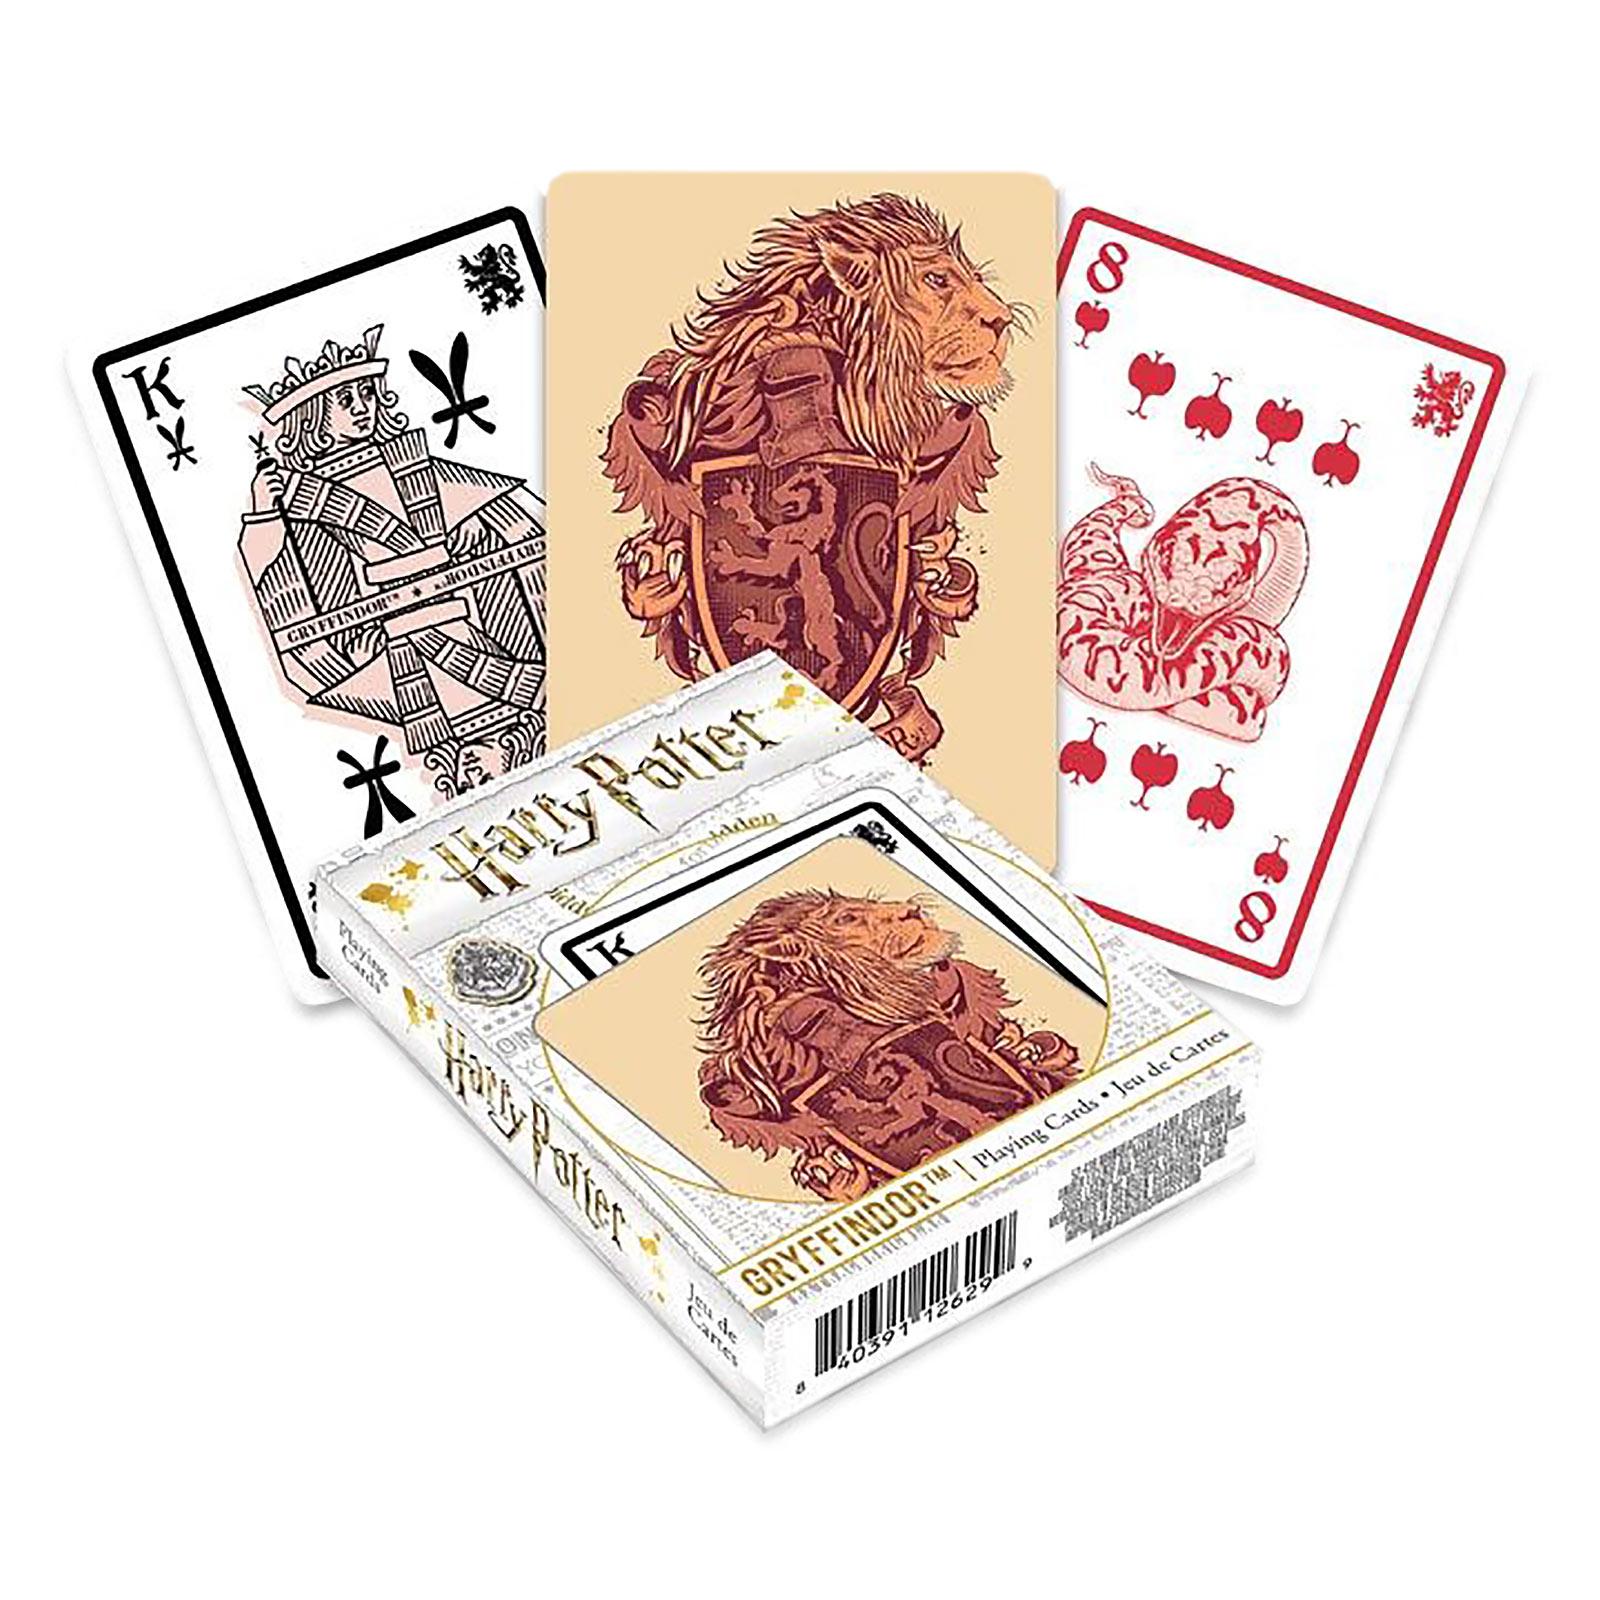 Harry Potter - Gryffindor Kartenspiel